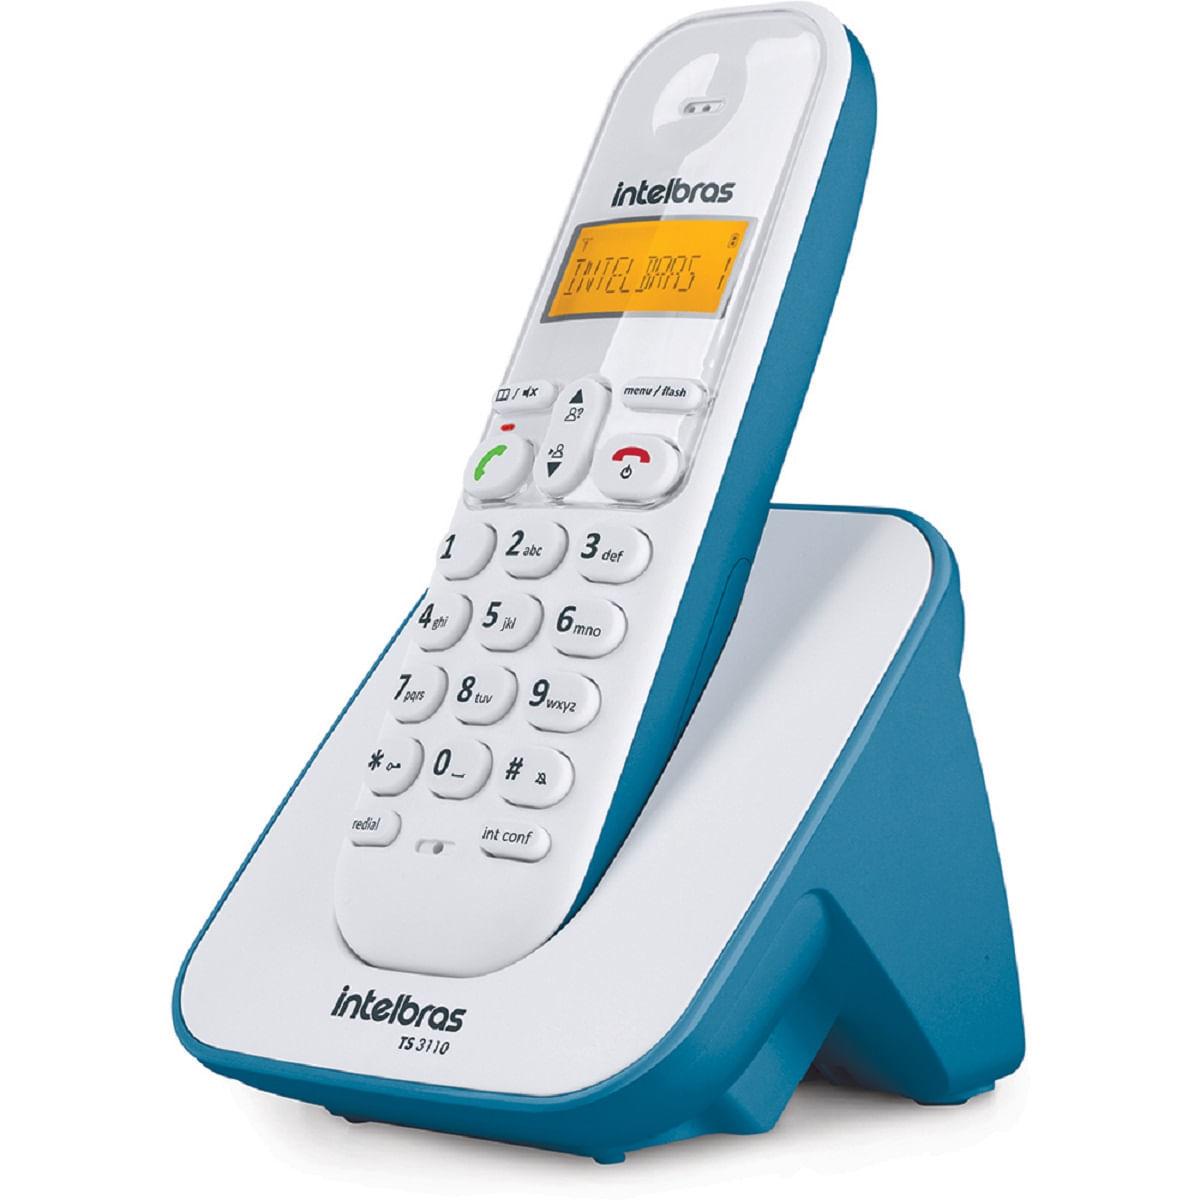 Telefone sem fio Intelbras TS 3110 Branco e Azul